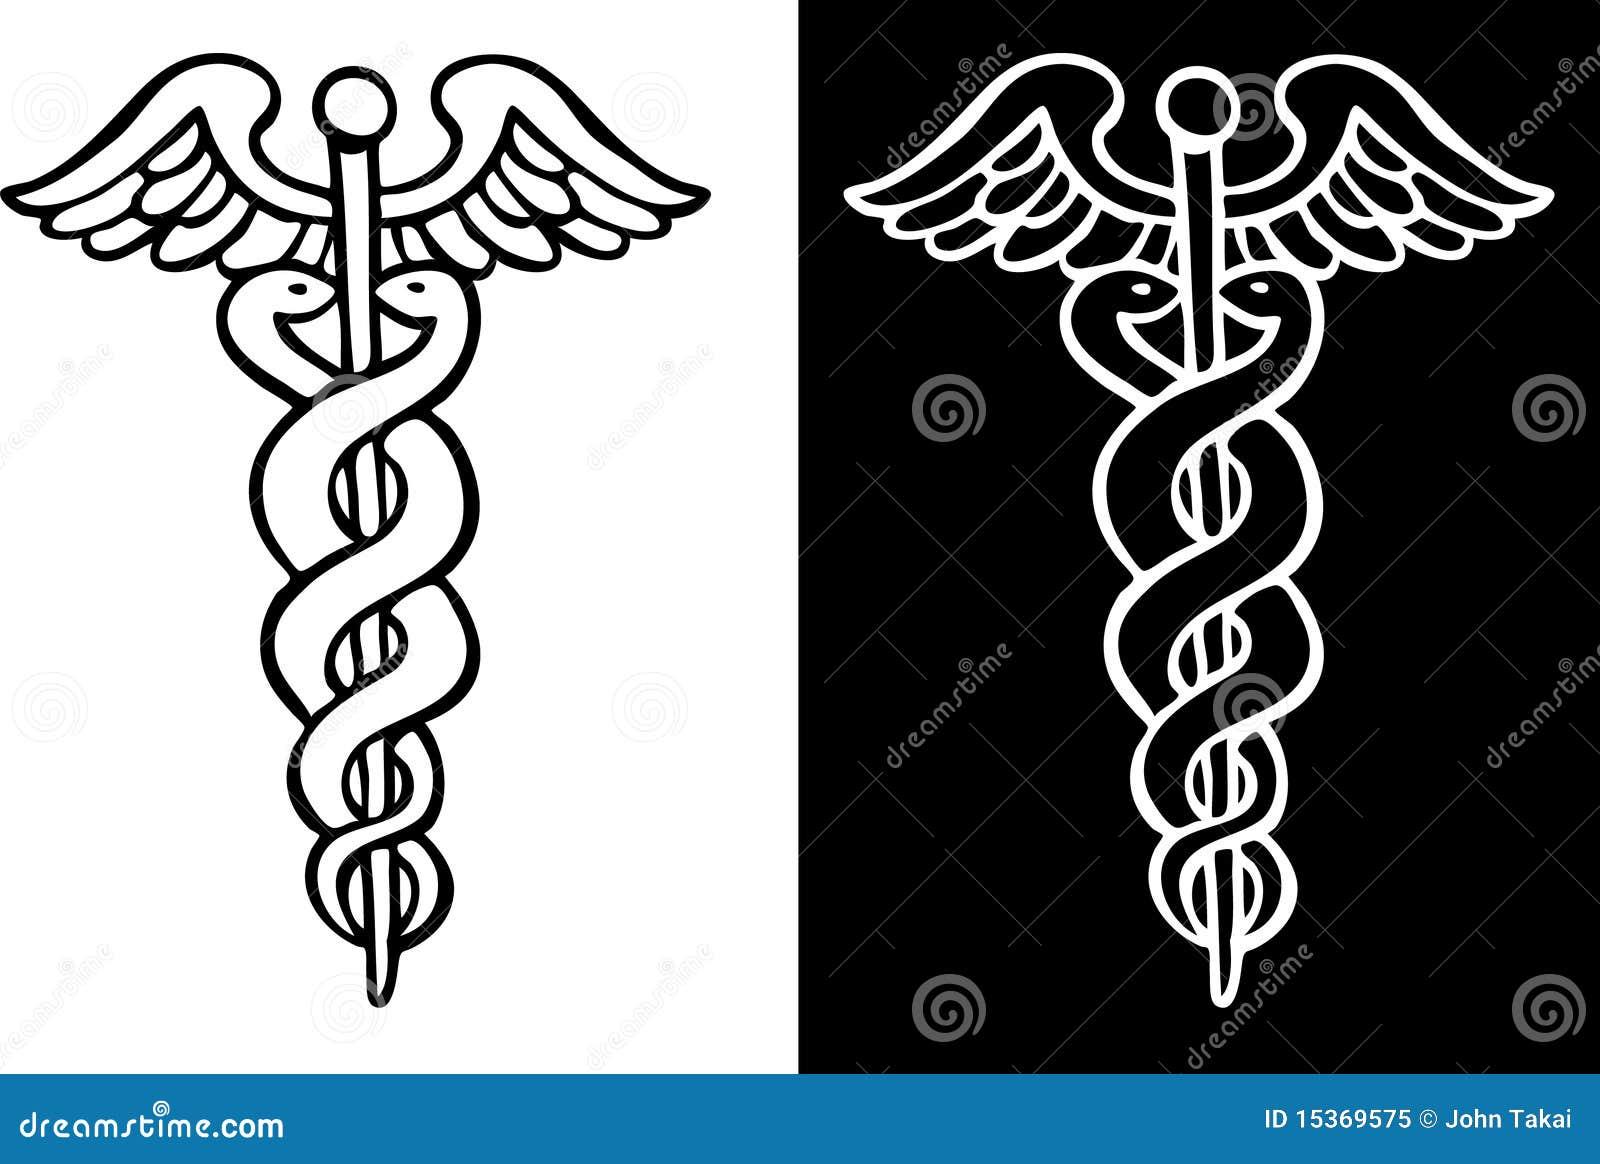 Sanitäter symbol  Caduceus-Symbol Lizenzfreies Stockfoto - Bild: 15369575